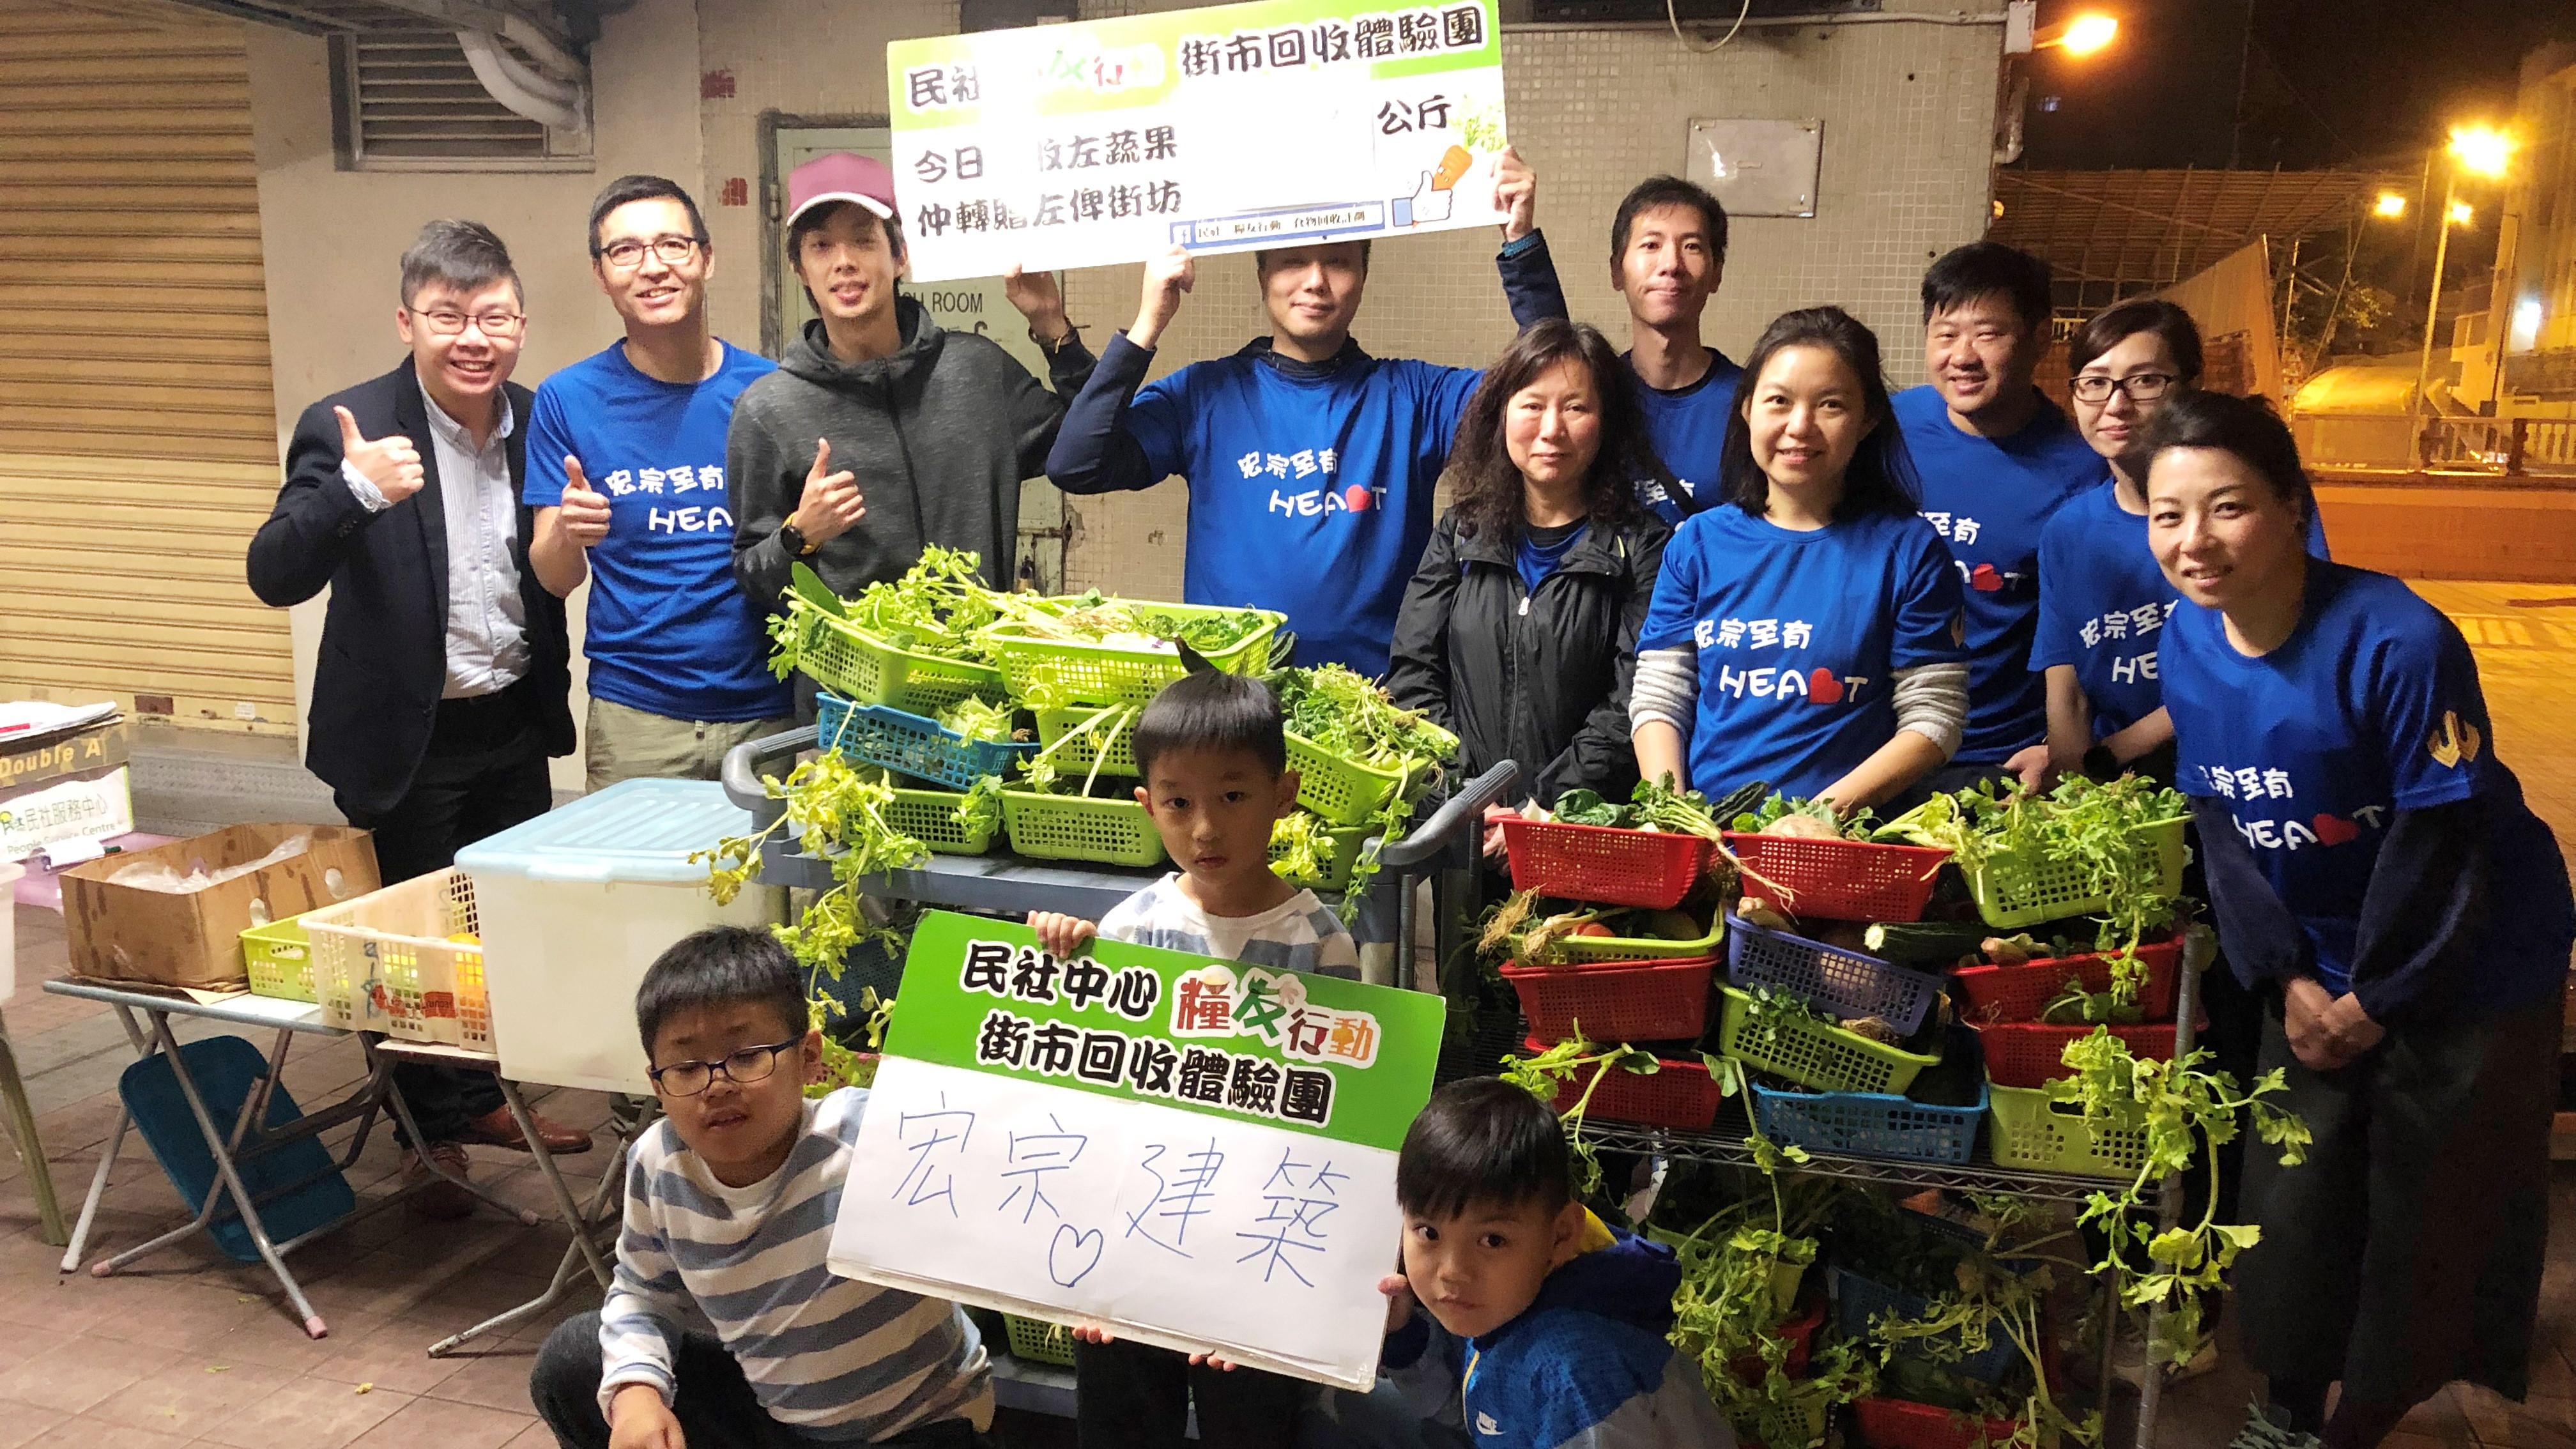 [義工] 宏宗 - 回收街市食物體驗團